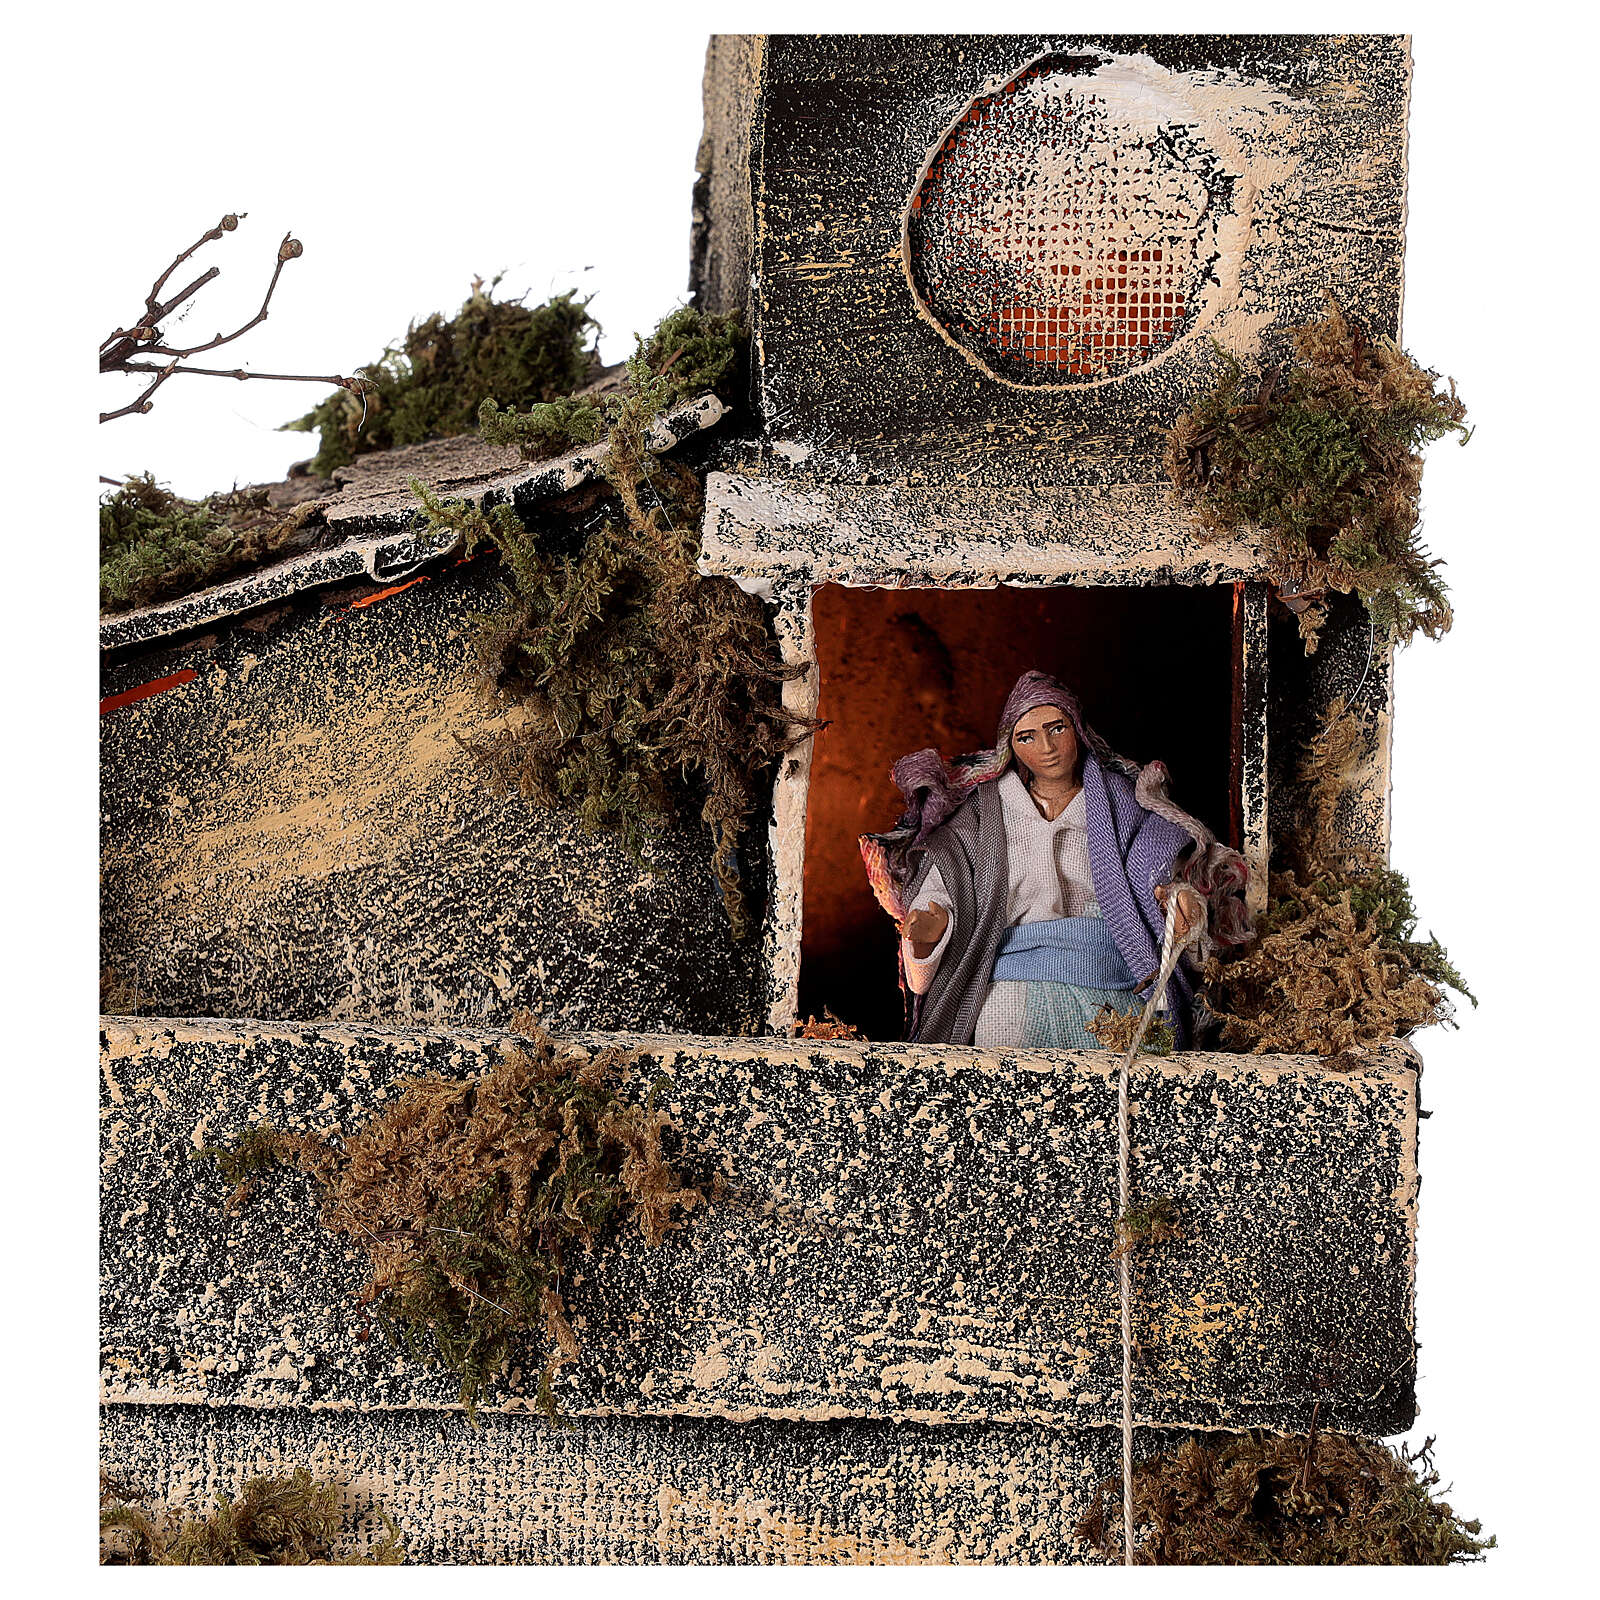 Cabaña con establo belén napolitano estatuas 8 cm 30x50x45 cm 4